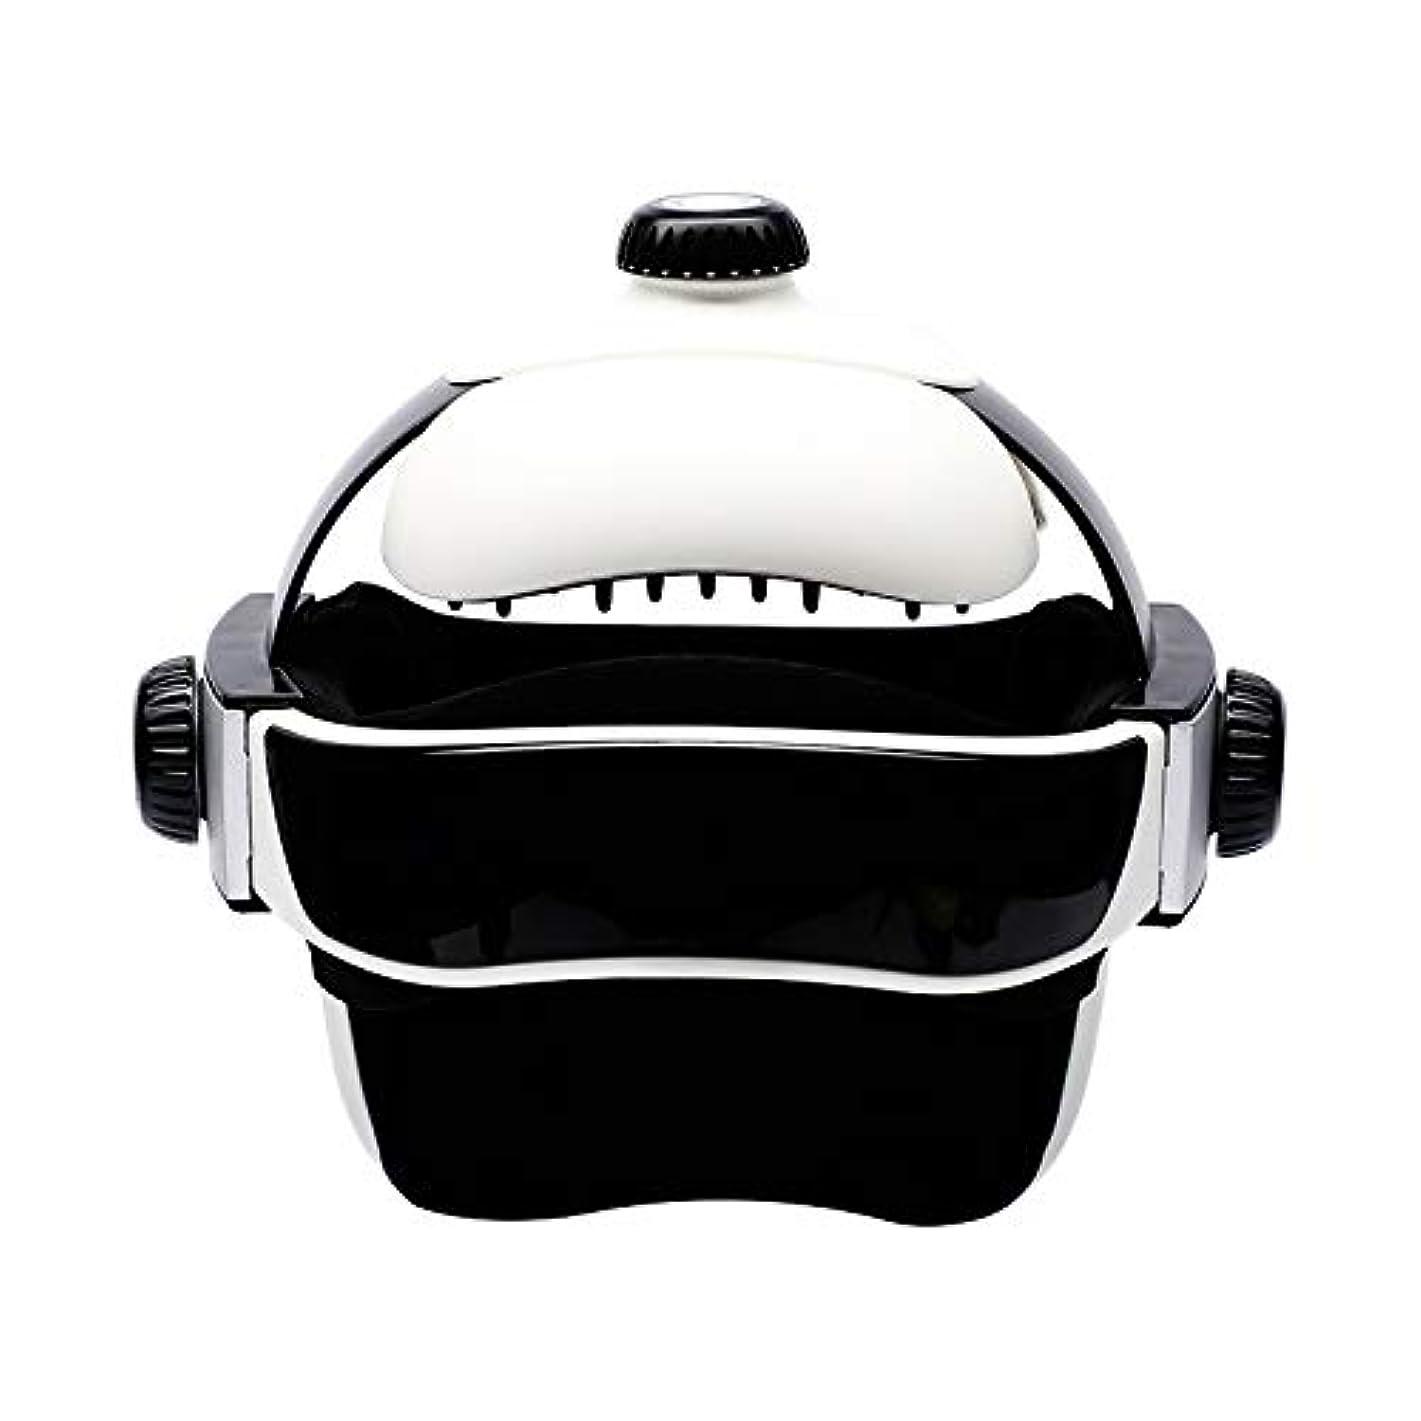 石鹸大胆不敵豚肉ヘルメットの電動が機能している頭皮は同じタイプのマッサージ器です [並行輸入品]